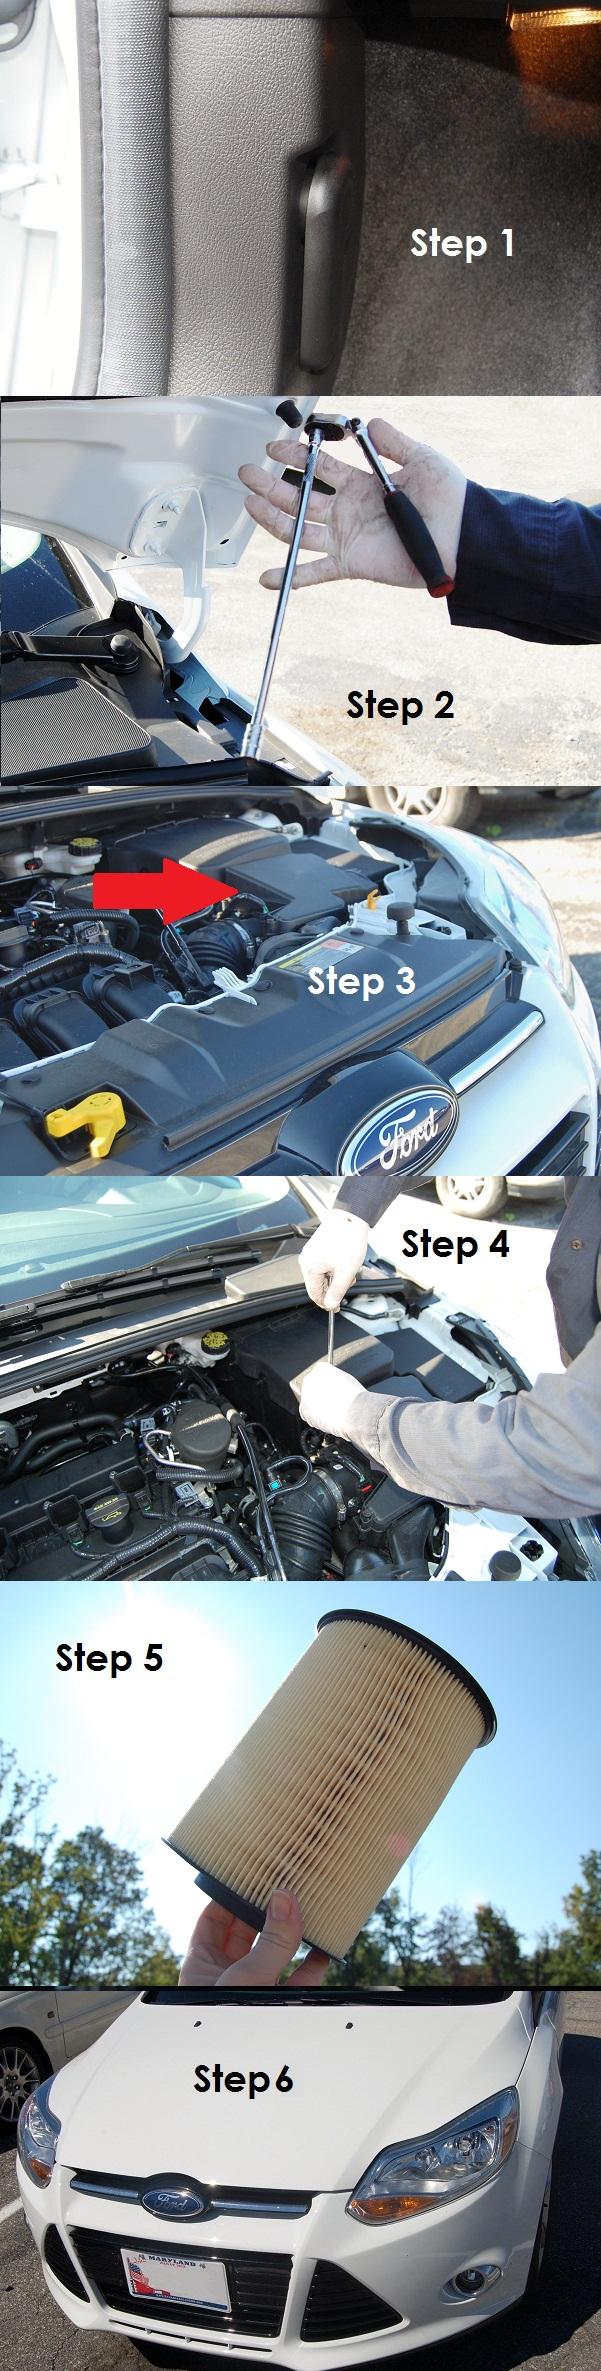 How to Replace Your Air Filter FallAutoDIY Diy, Diy